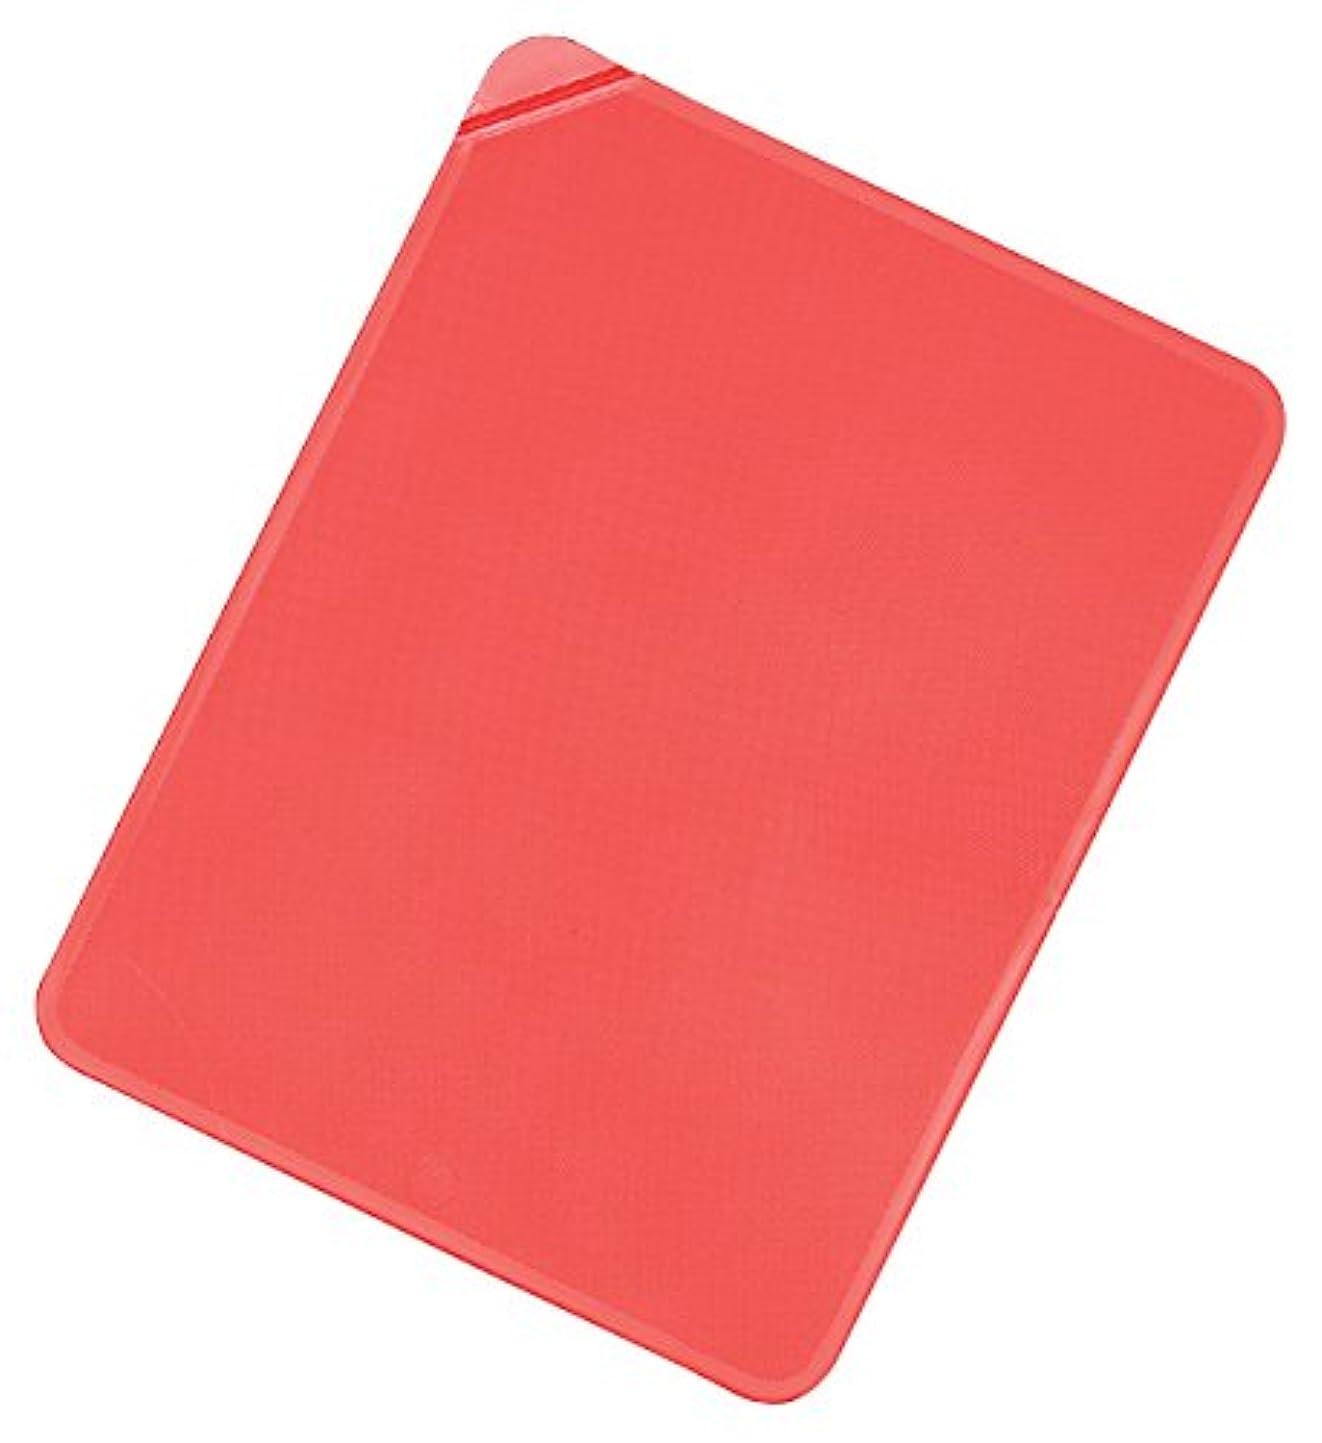 ストレス雰囲気偽造タイガークラウン シートまな板 赤 260×200×3mm カラーカラーマット レッド エラストマー 使い分け シール付 5651